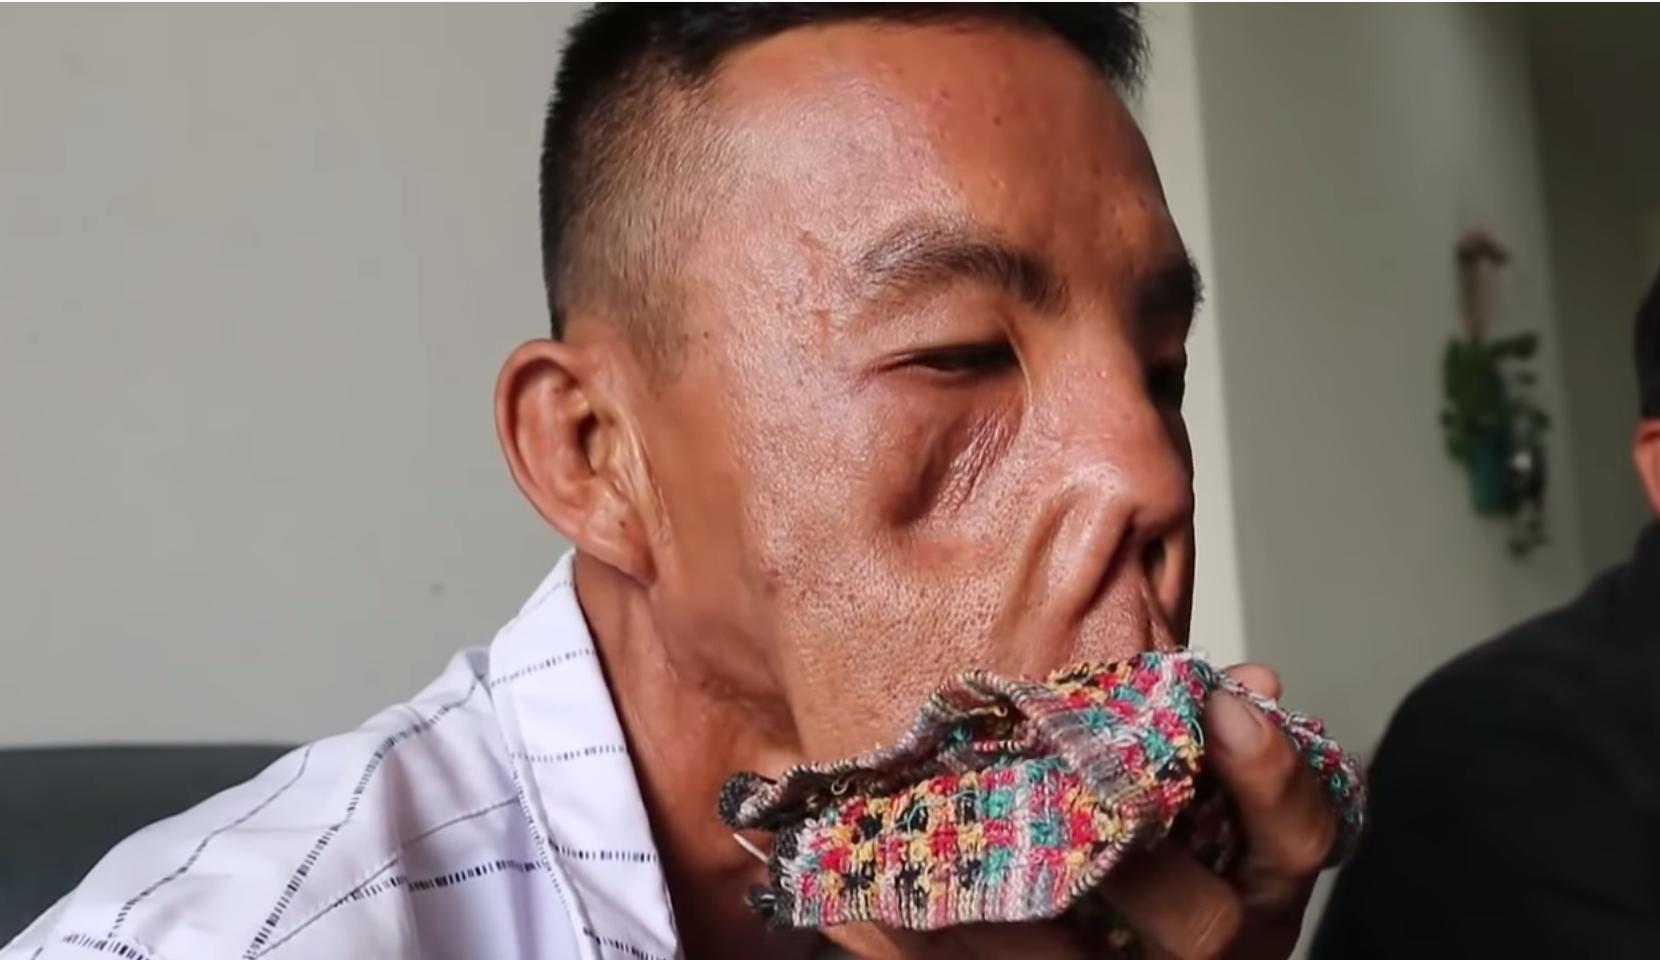 Chuyện người đàn ông mang khuôn mặt quỷ đến Sài Gòn tìm lại khuôn mặt người - Ảnh 4.